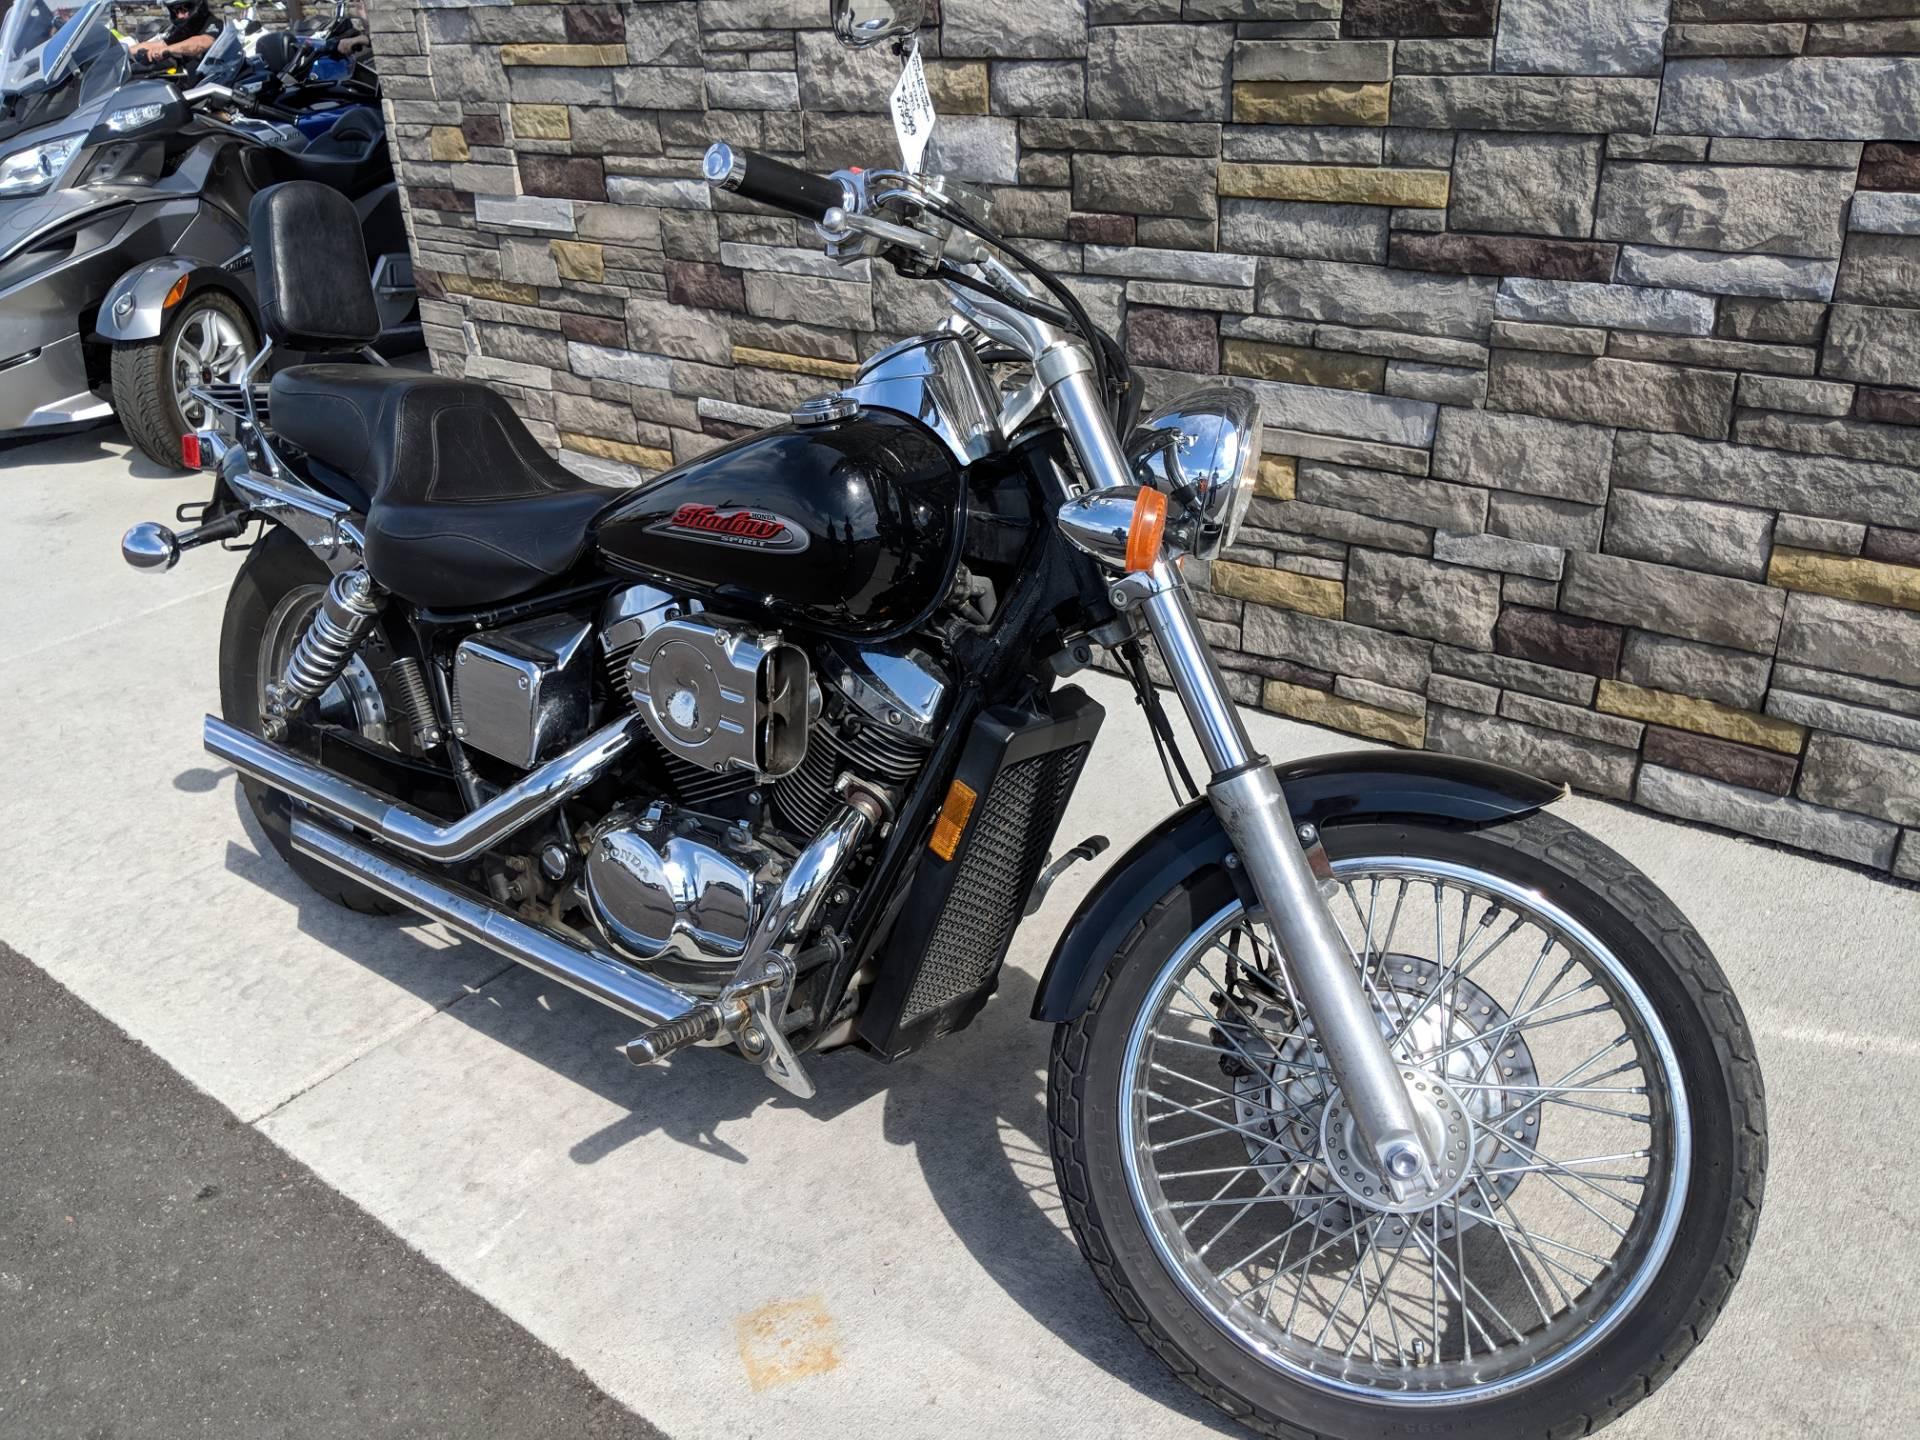 2001 Honda Shadow Spirit 750 7